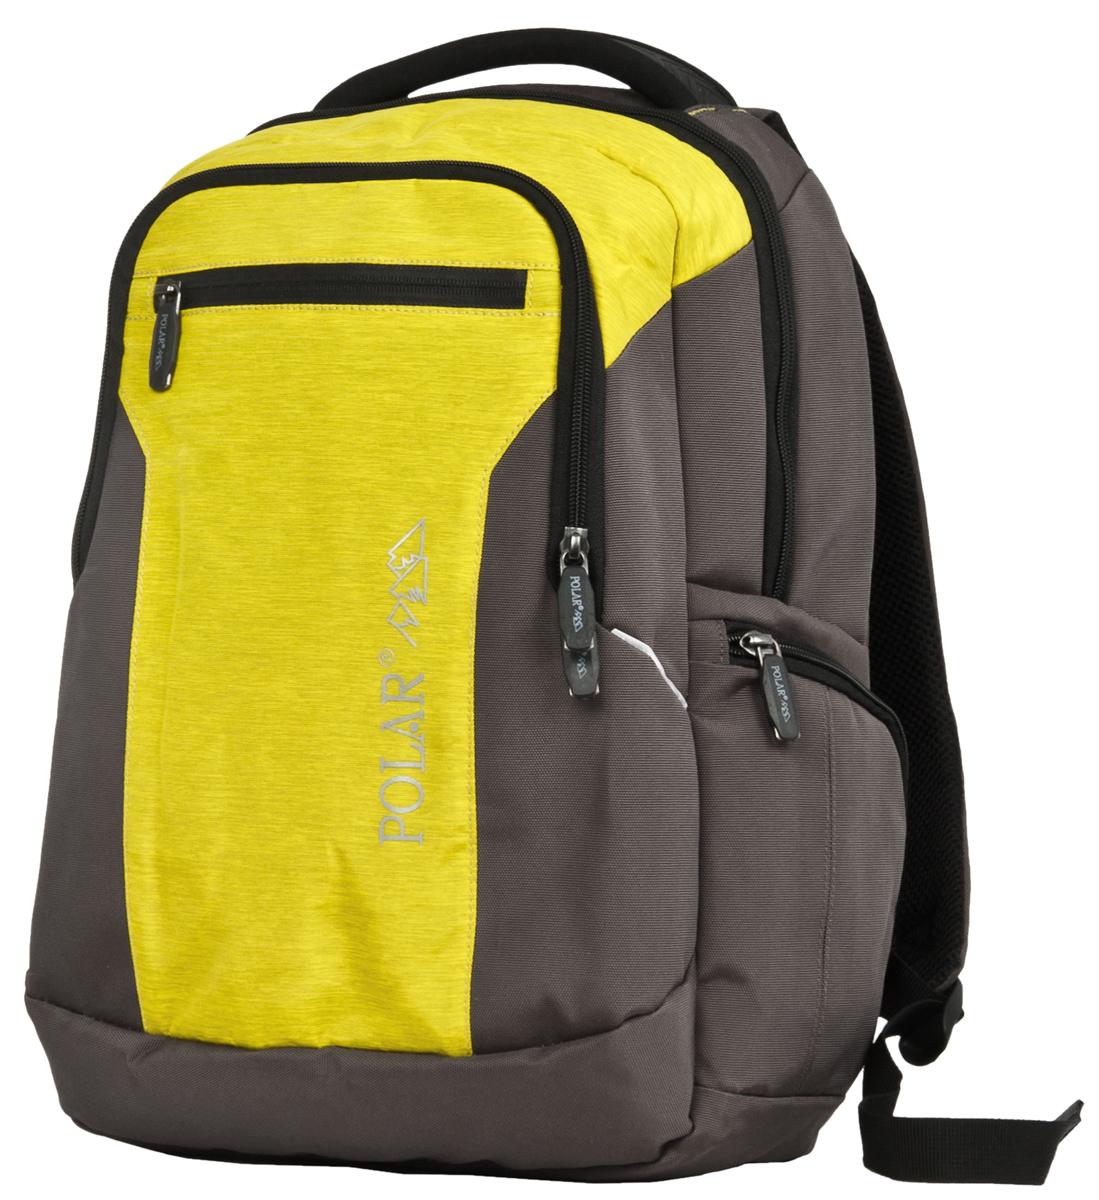 Рюкзак городской Polar  Adventure , цвет: серо-коричневый, желтый, 20 л. д1411 - Сумки и рюкзаки